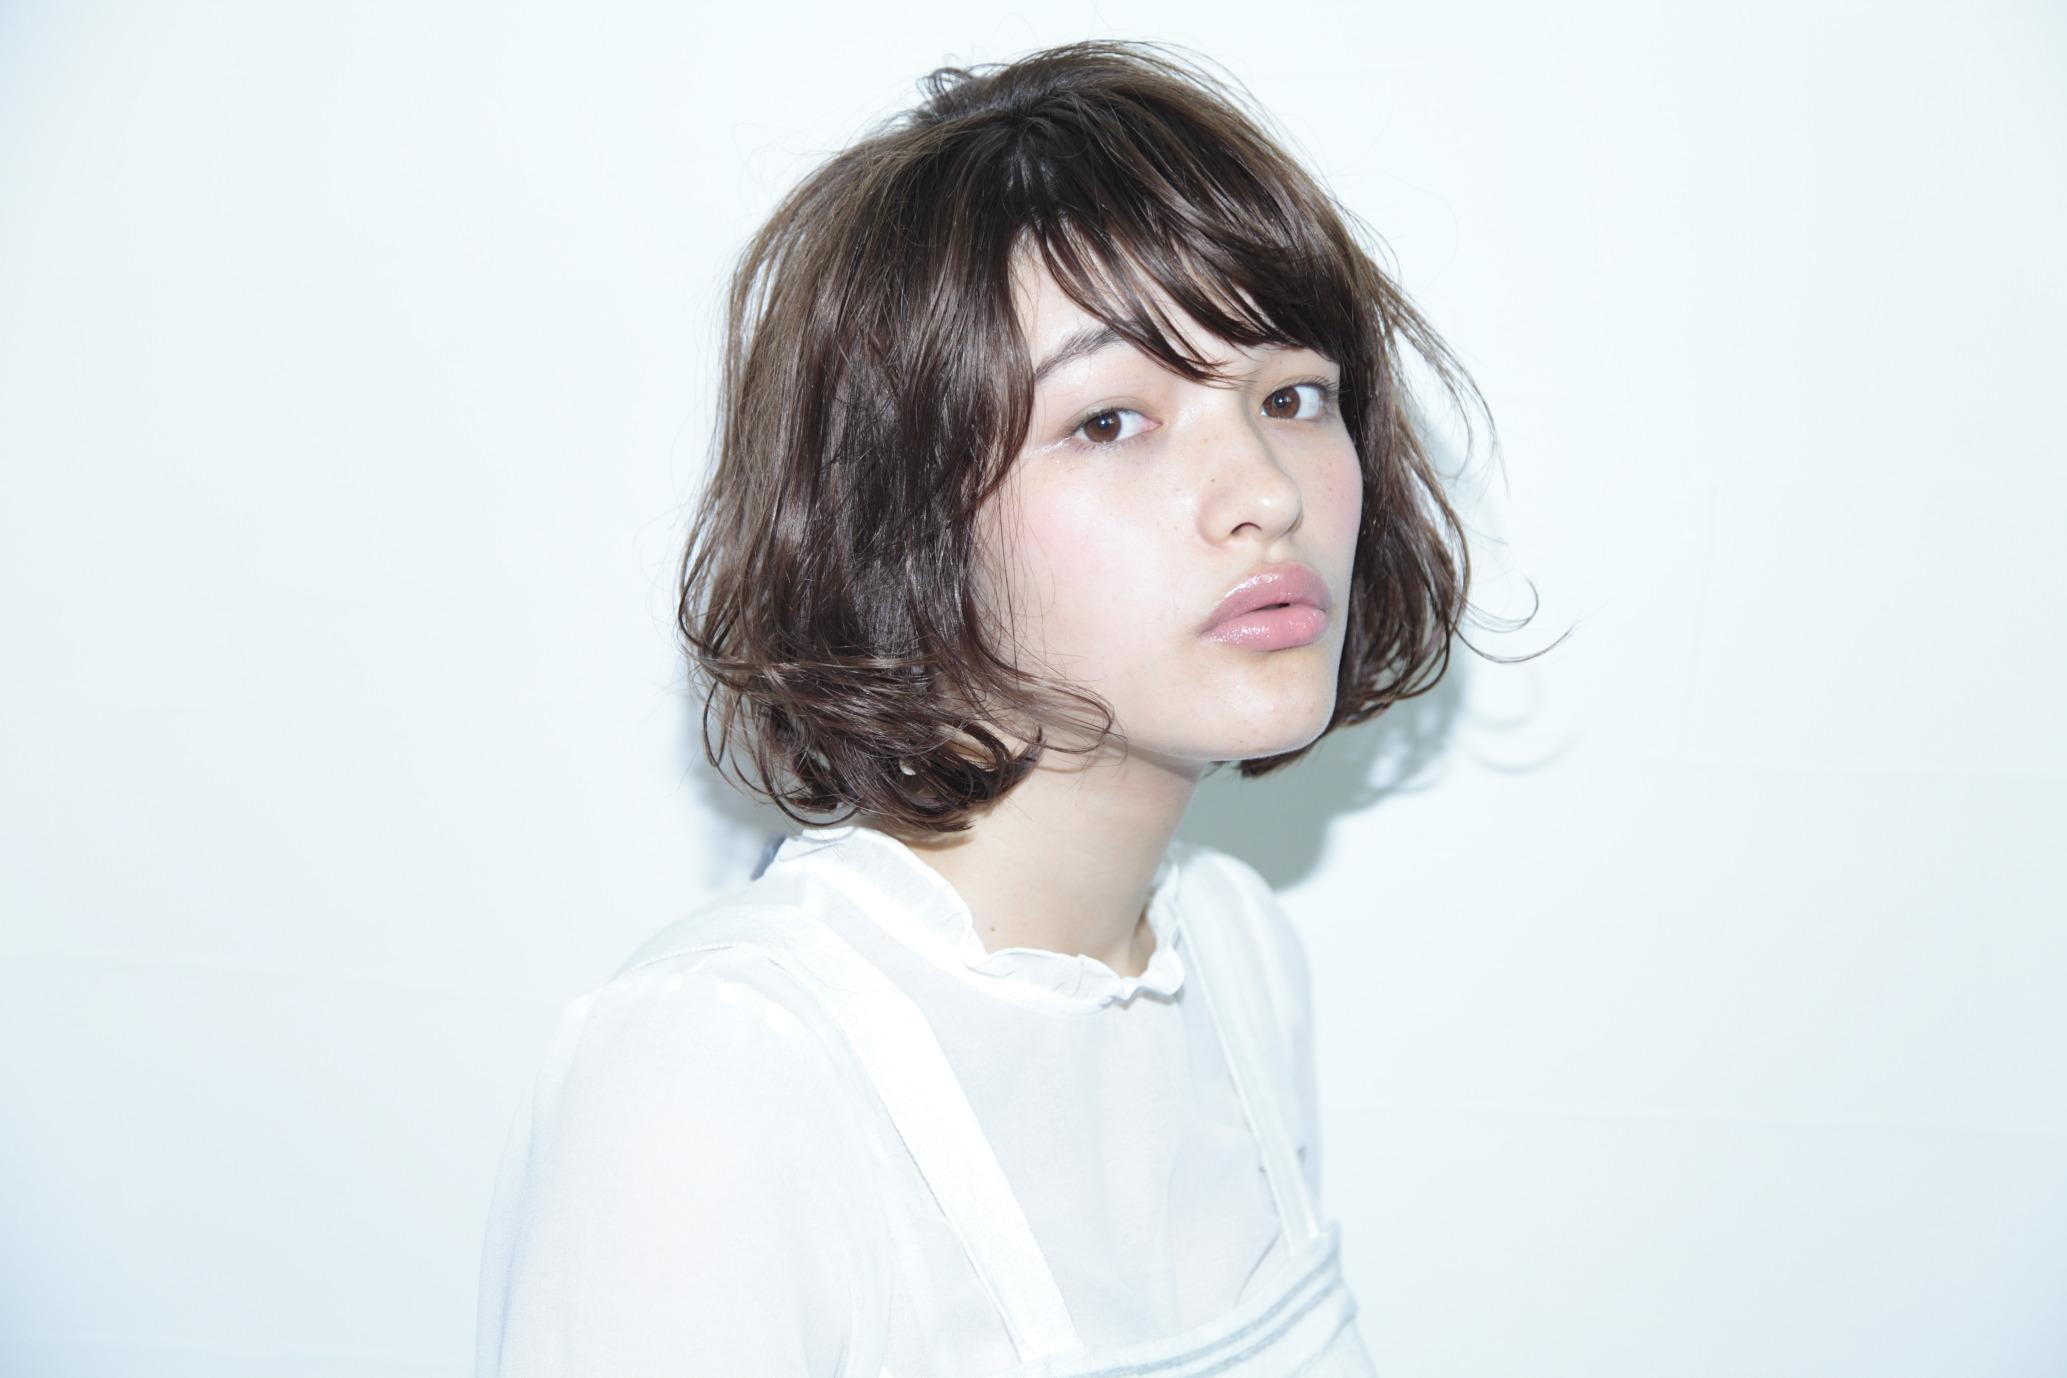 【黒髪ショート】パーマ・ストレート・ボブ・前髪なし【丸顔・